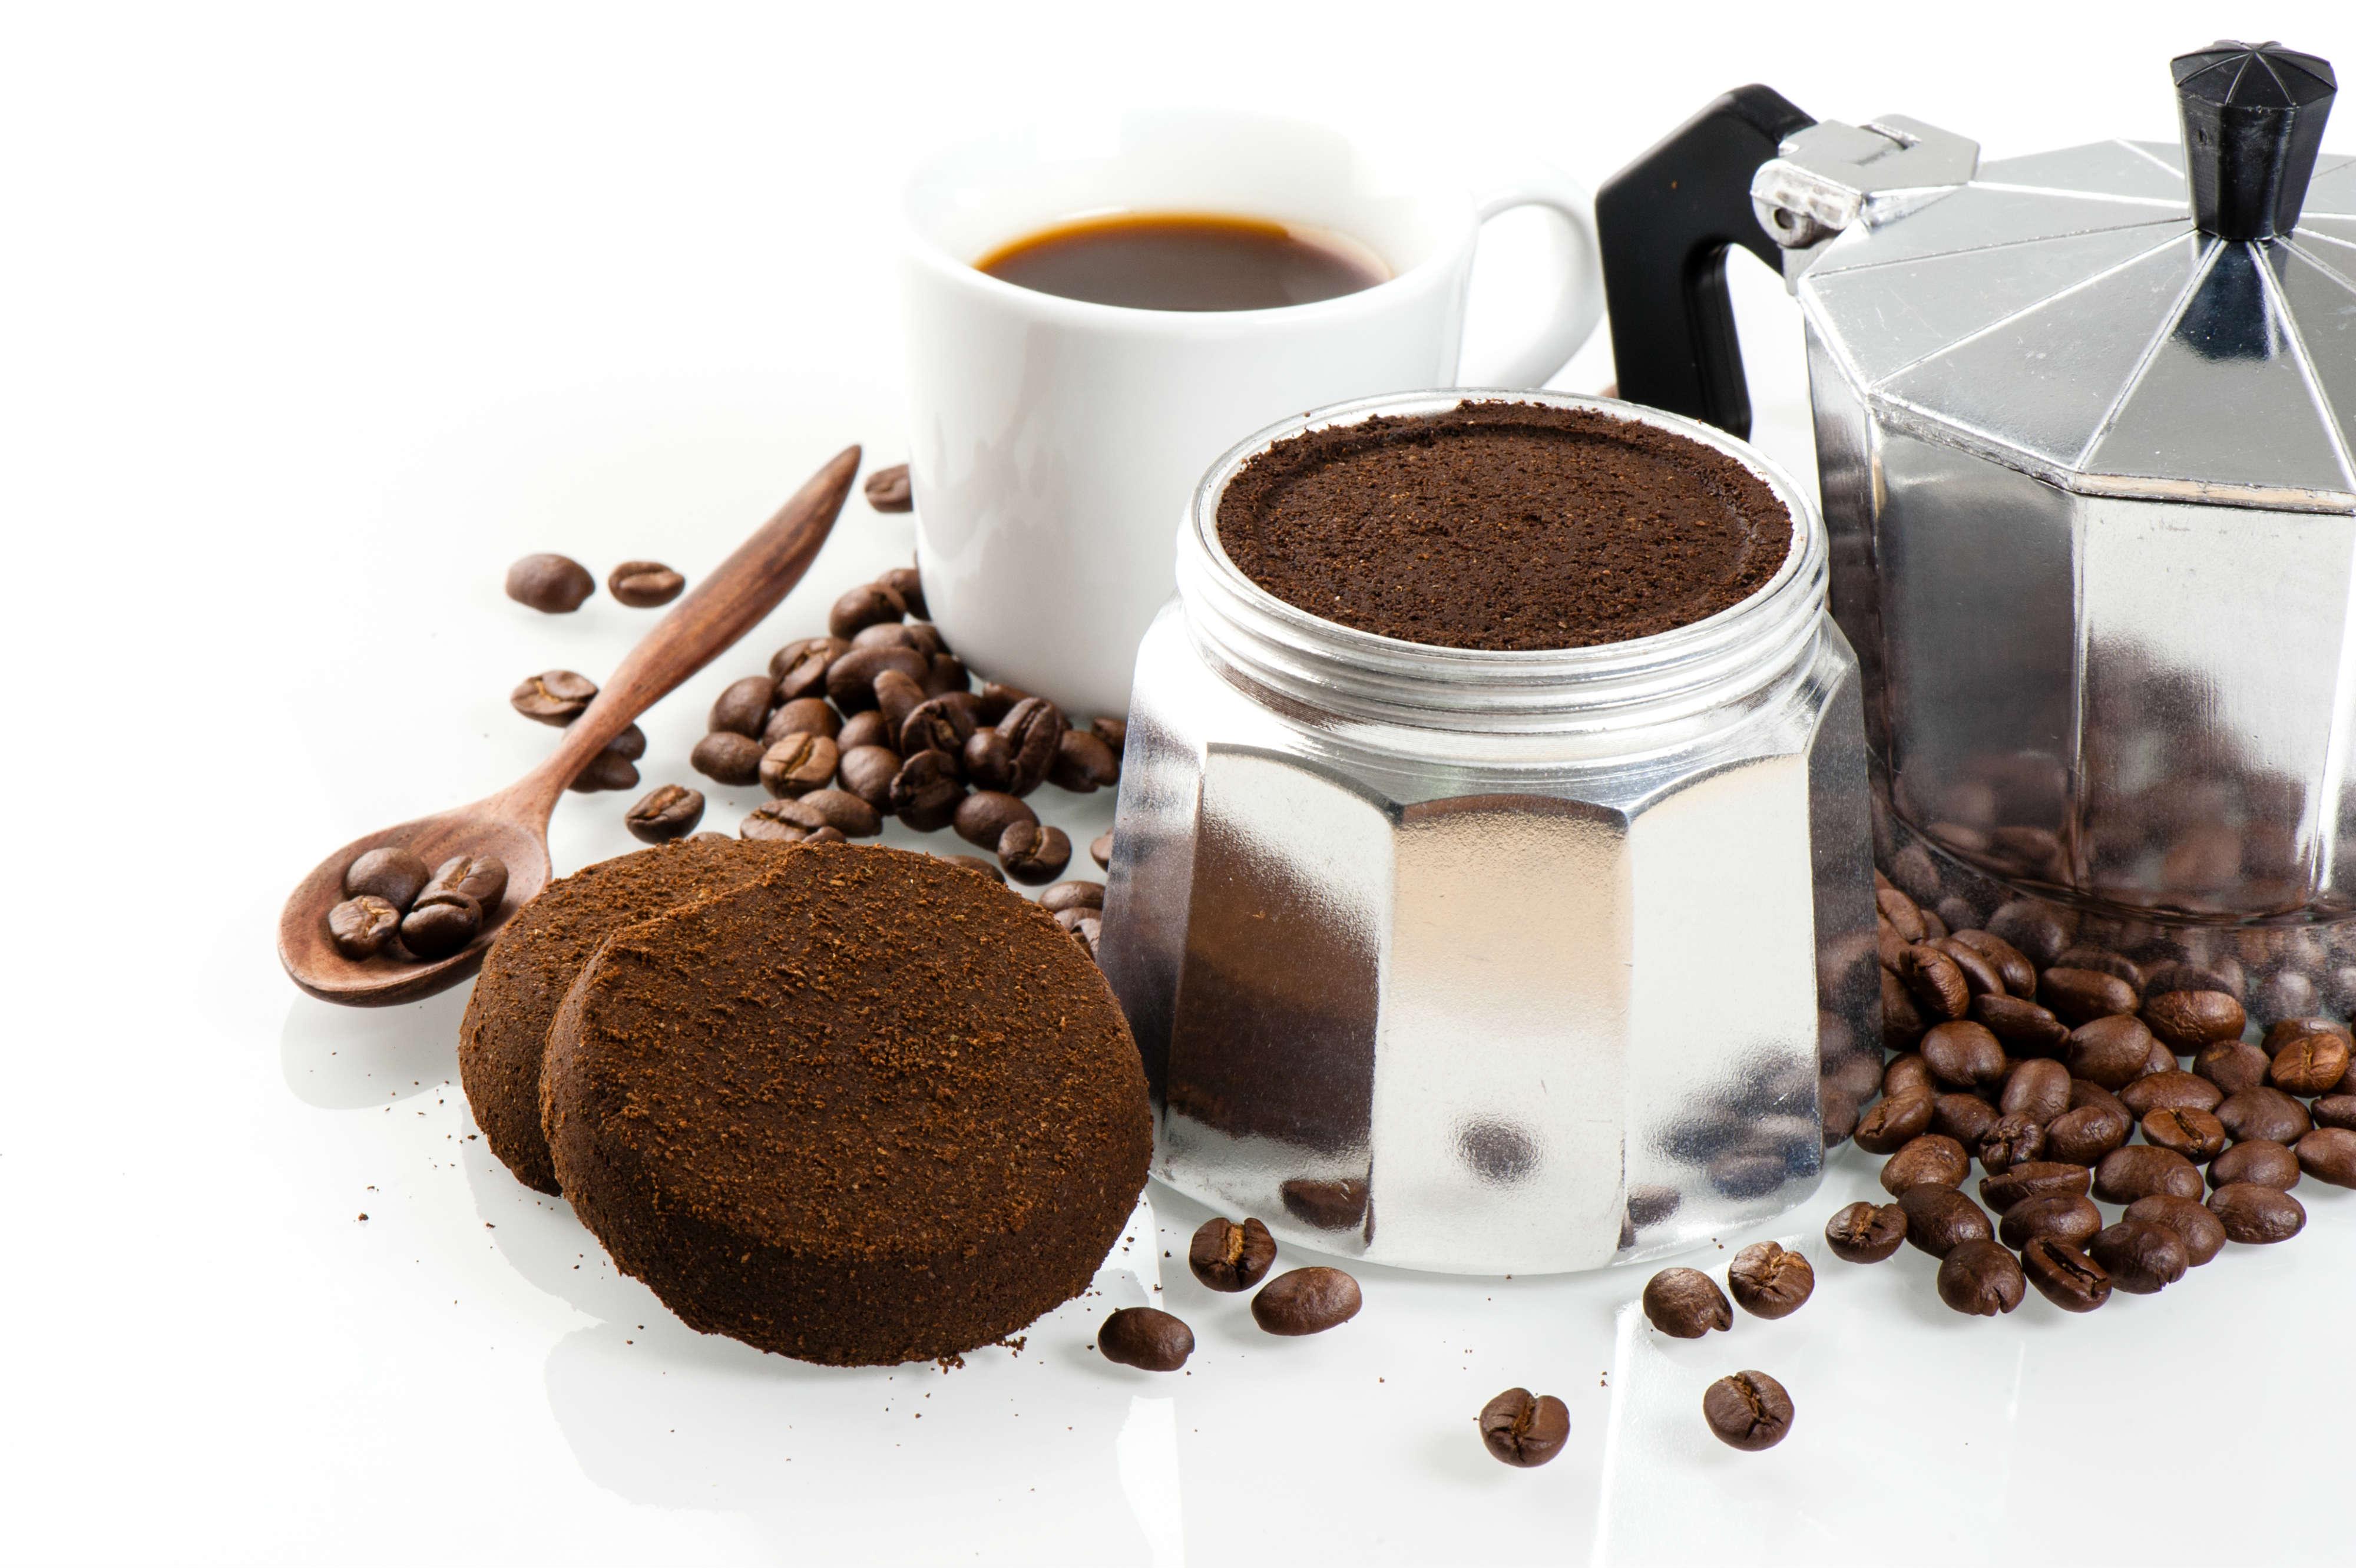 fondi di caffè per l'orto